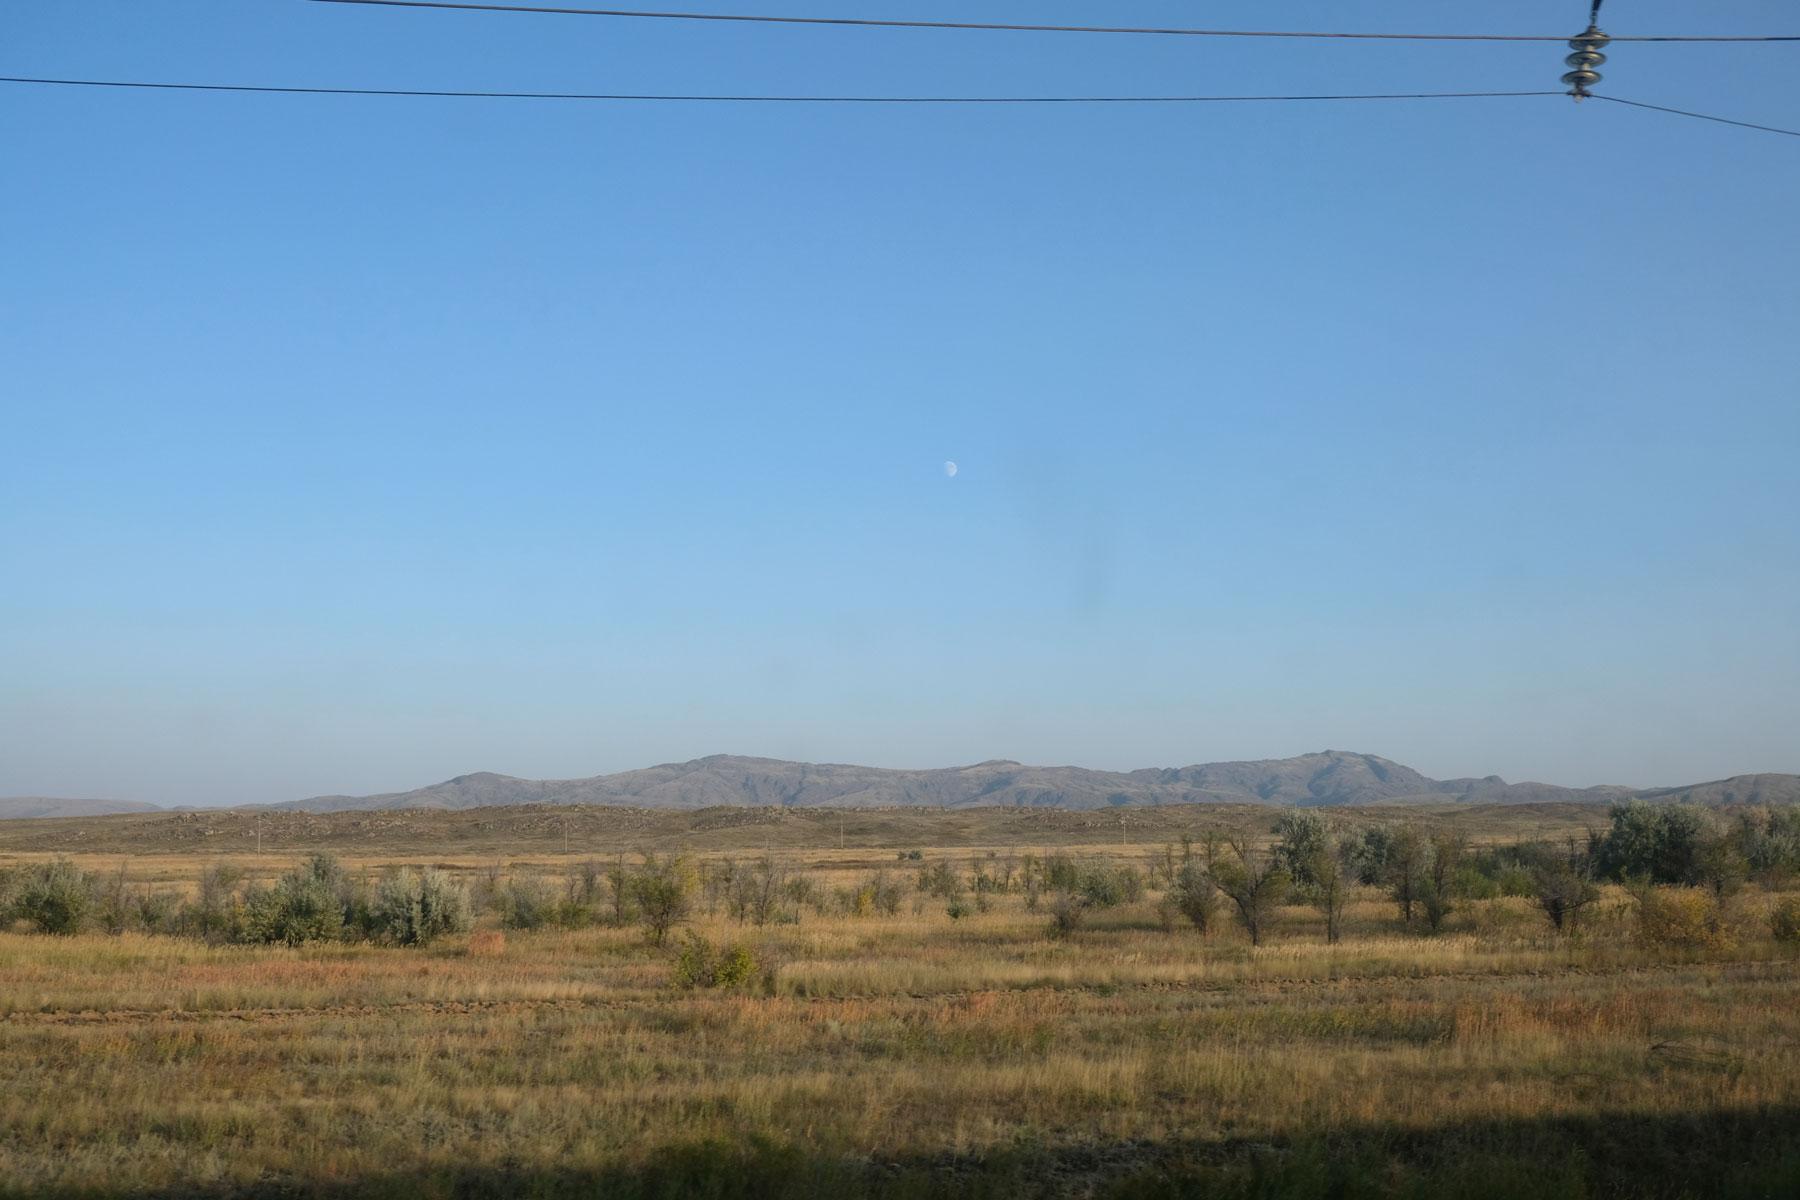 ...blicken wir auf die Weite der kasachischen Steppe.